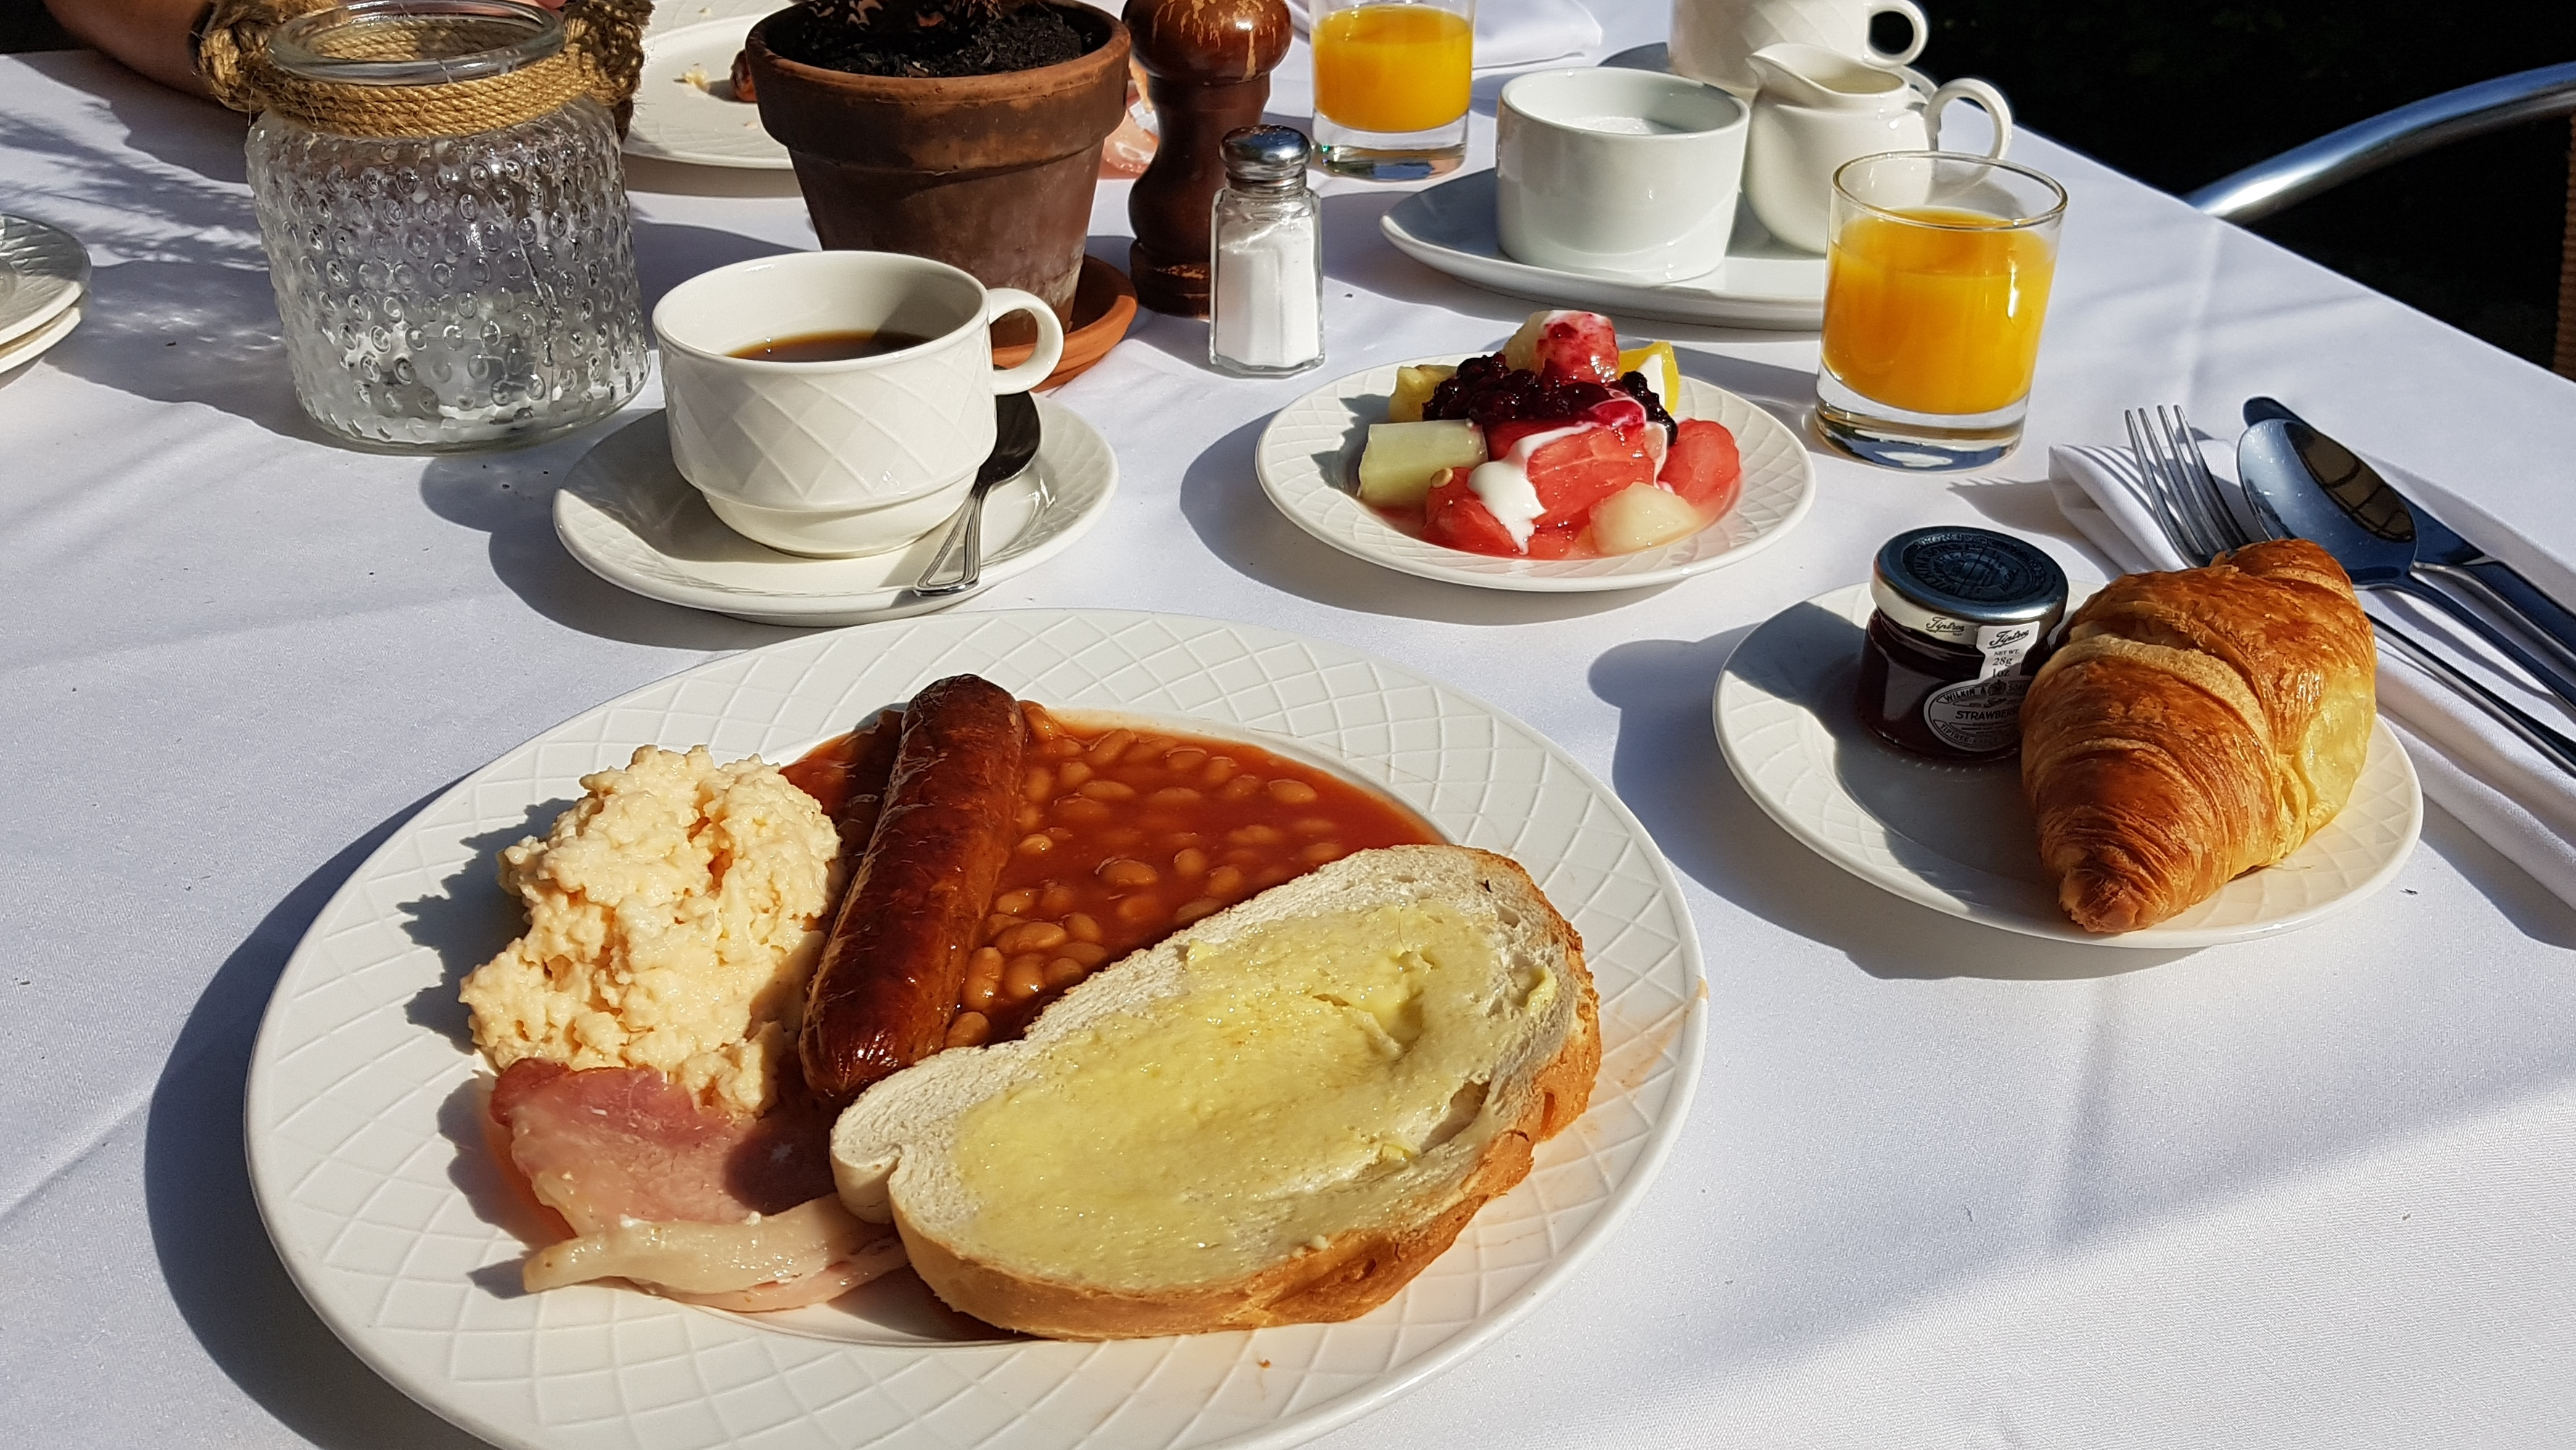 Travel: Solent Hotel & Spa, Fareham